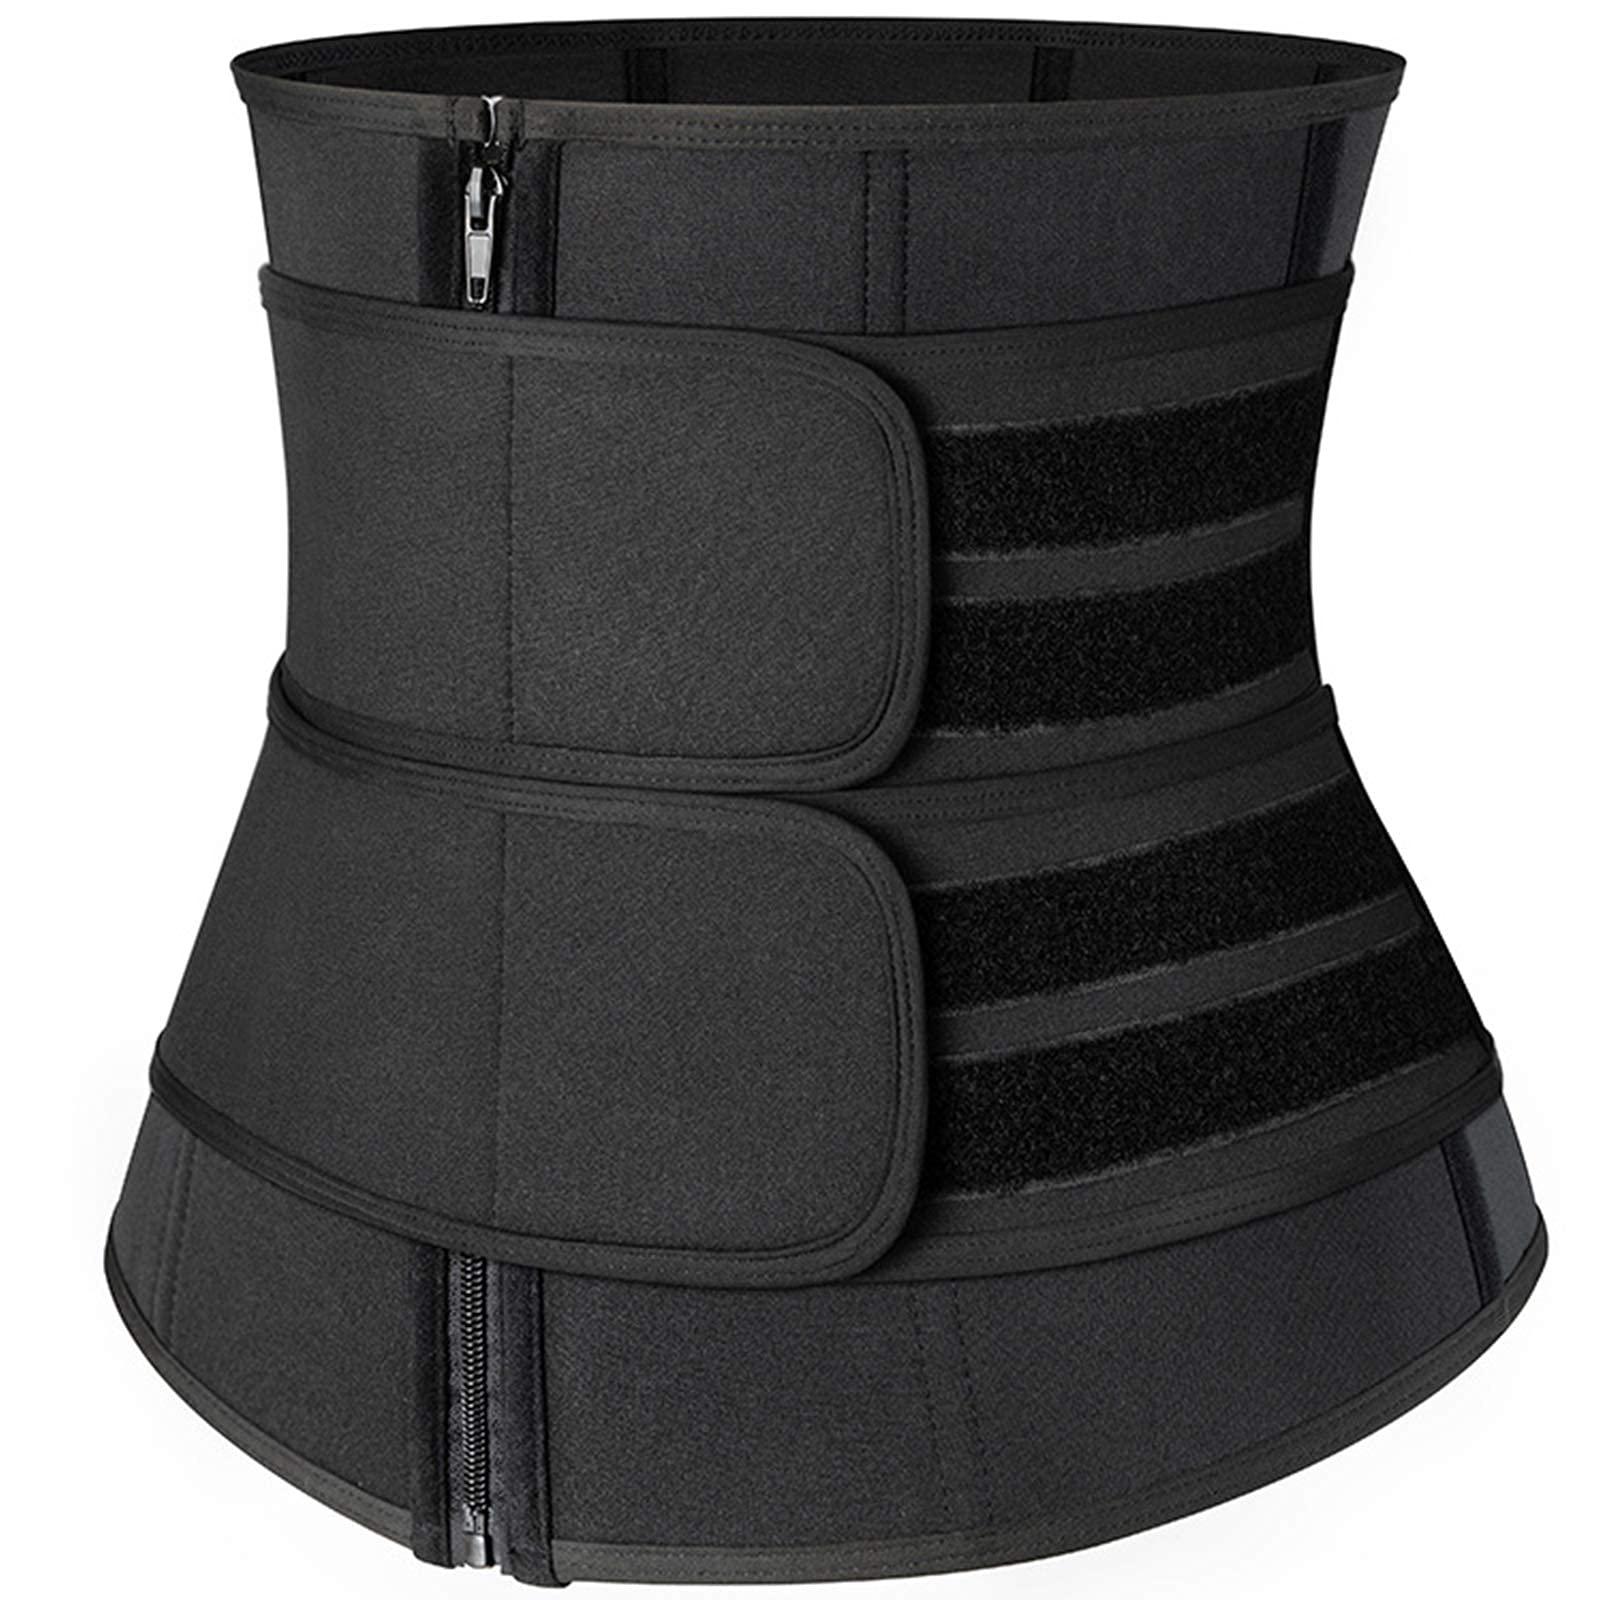 Sweat Waist Trainer Belt for Women Neoprene Corset Trimmer Waist Cincher Shaper